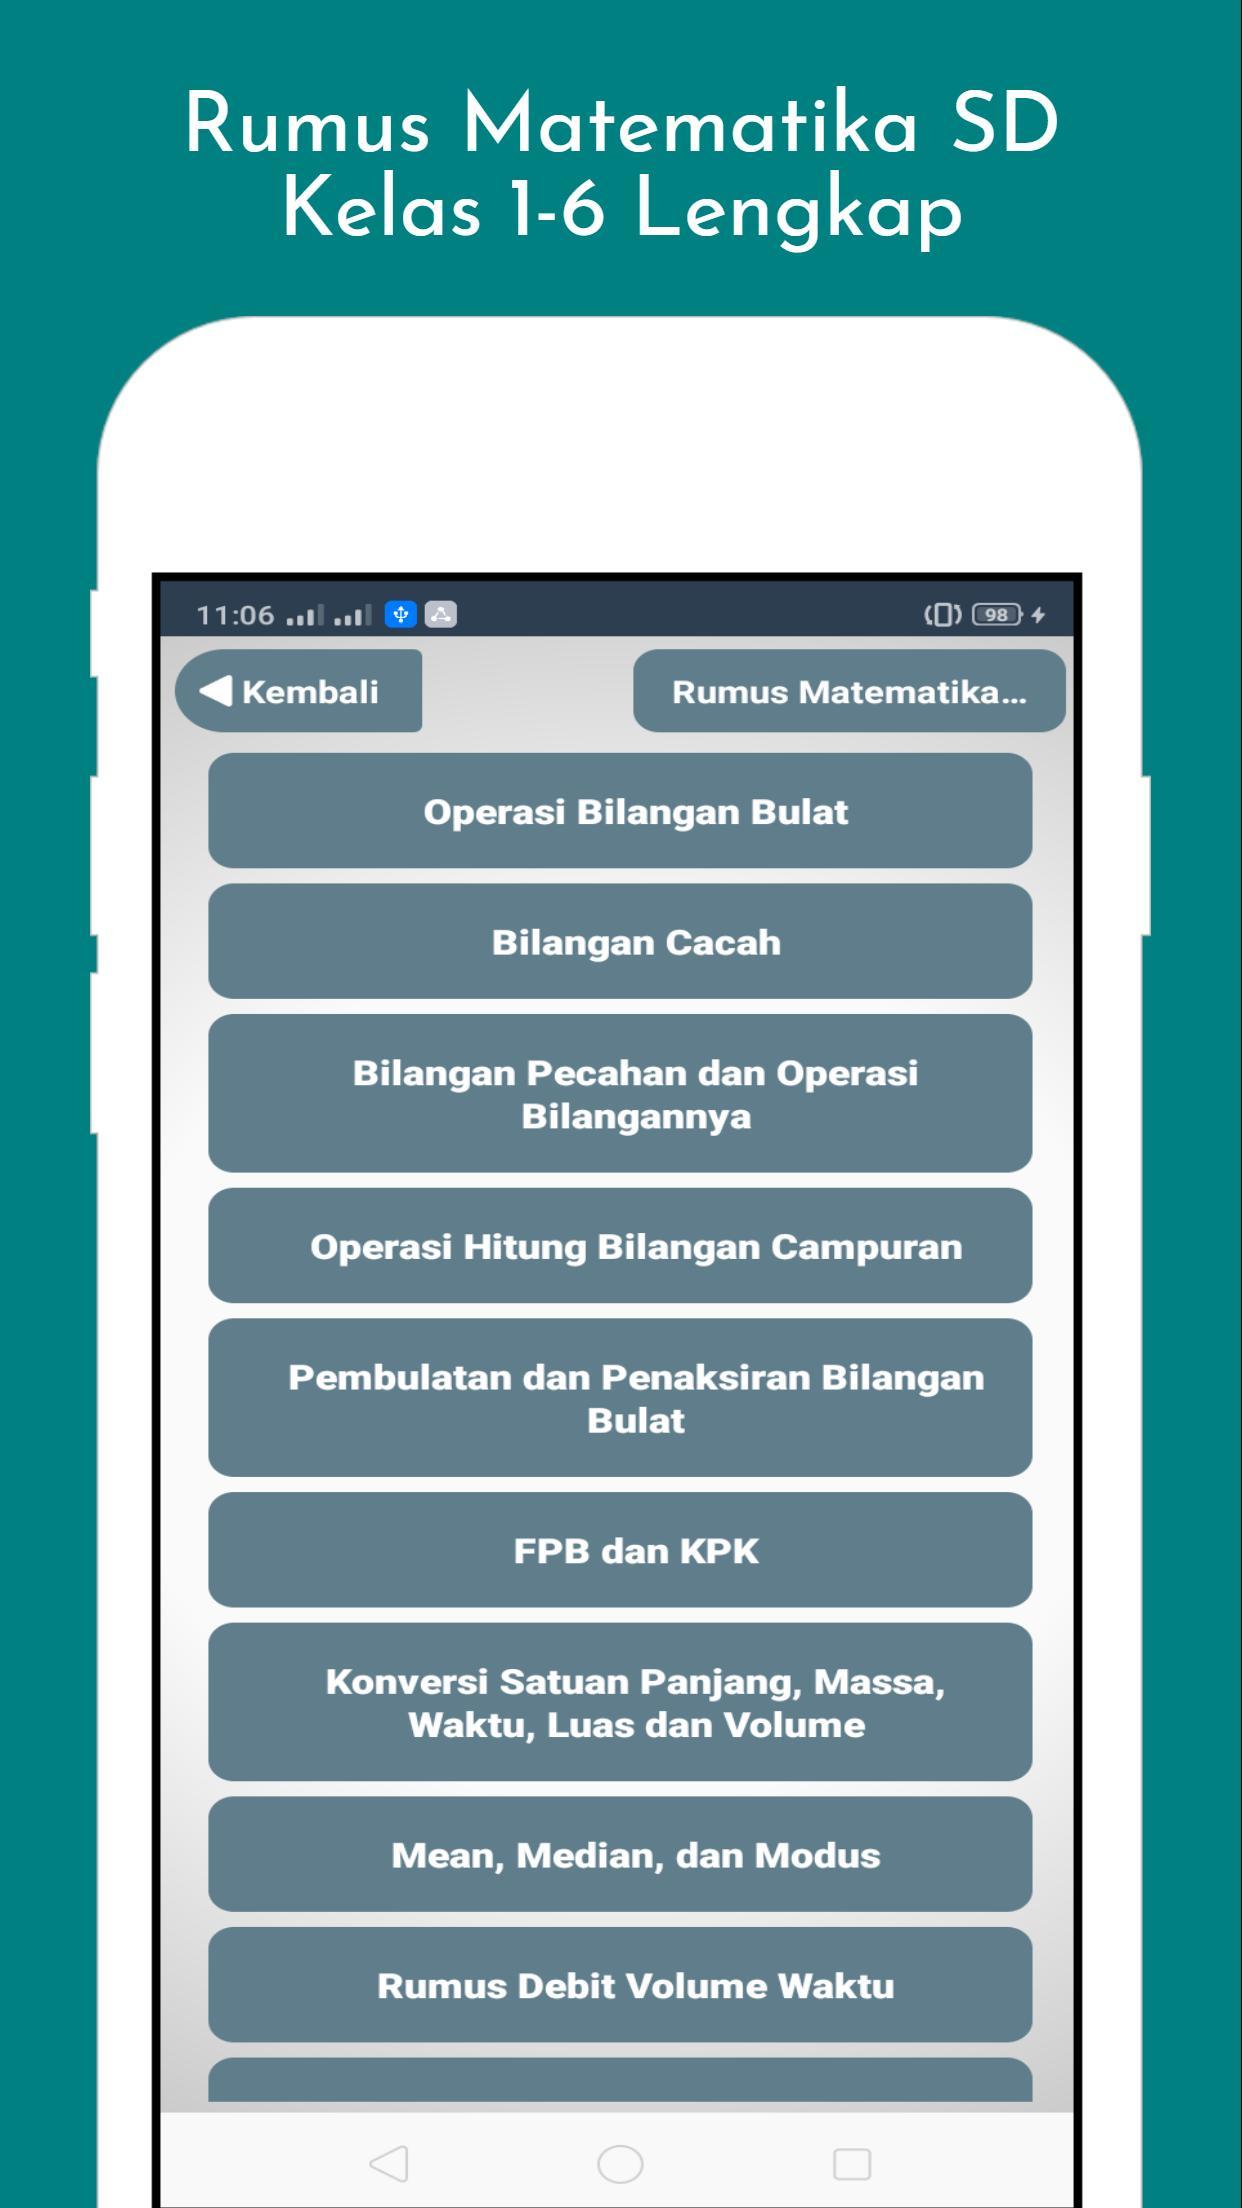 Rumus Matematika Untuk Sd Lengkap Offline Para Android Apk Baixar